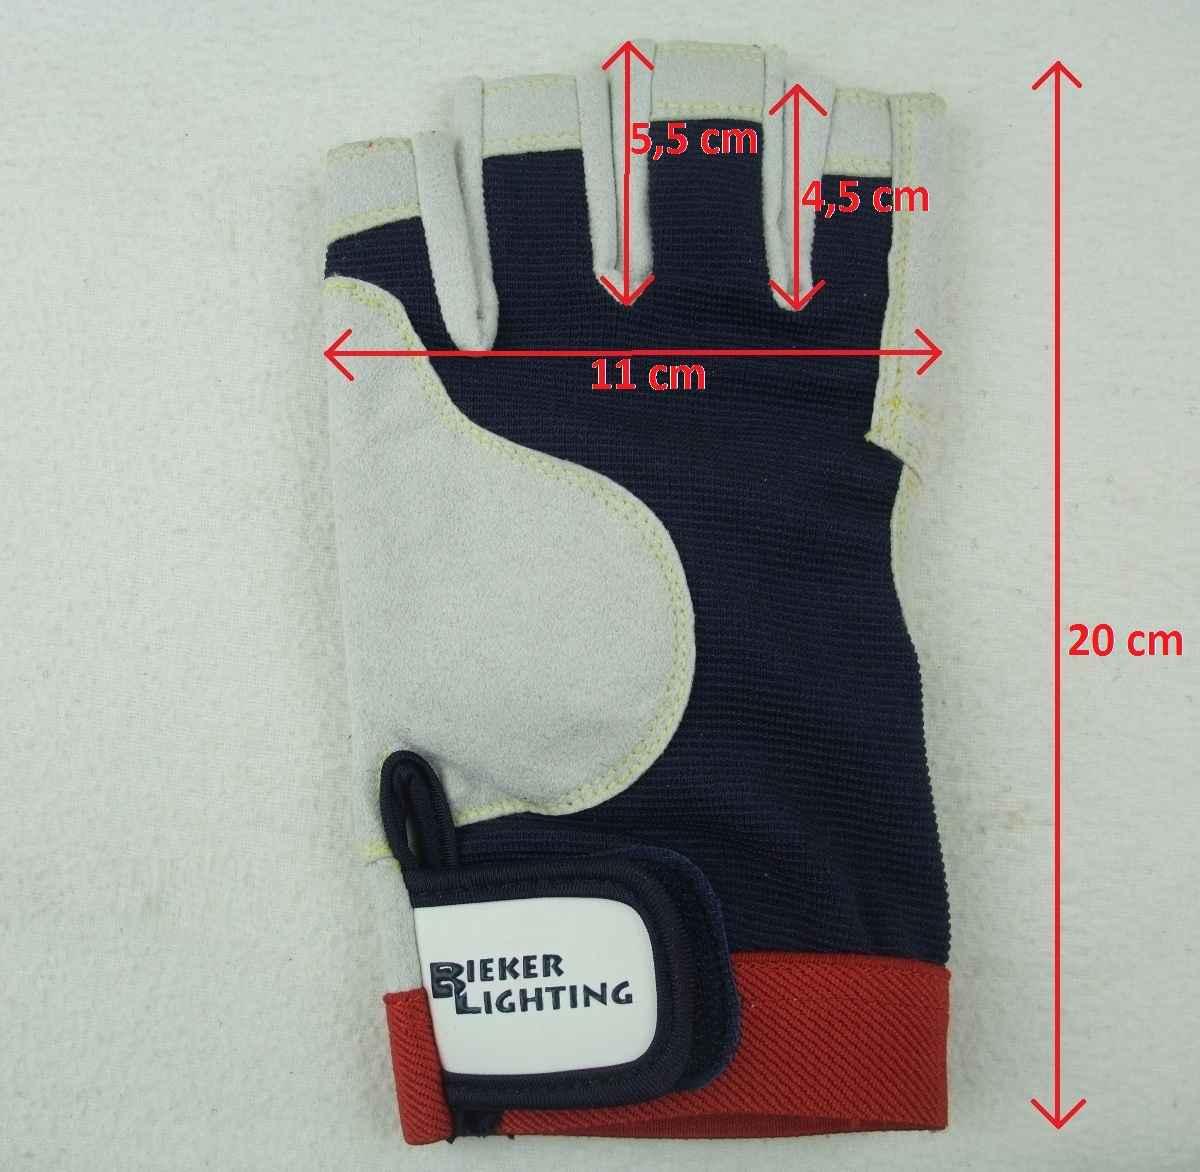 Rigginghandschuhe Handschuhe Roadie L 9 BluePort Segelhandschuhe AMARA PRO Gr